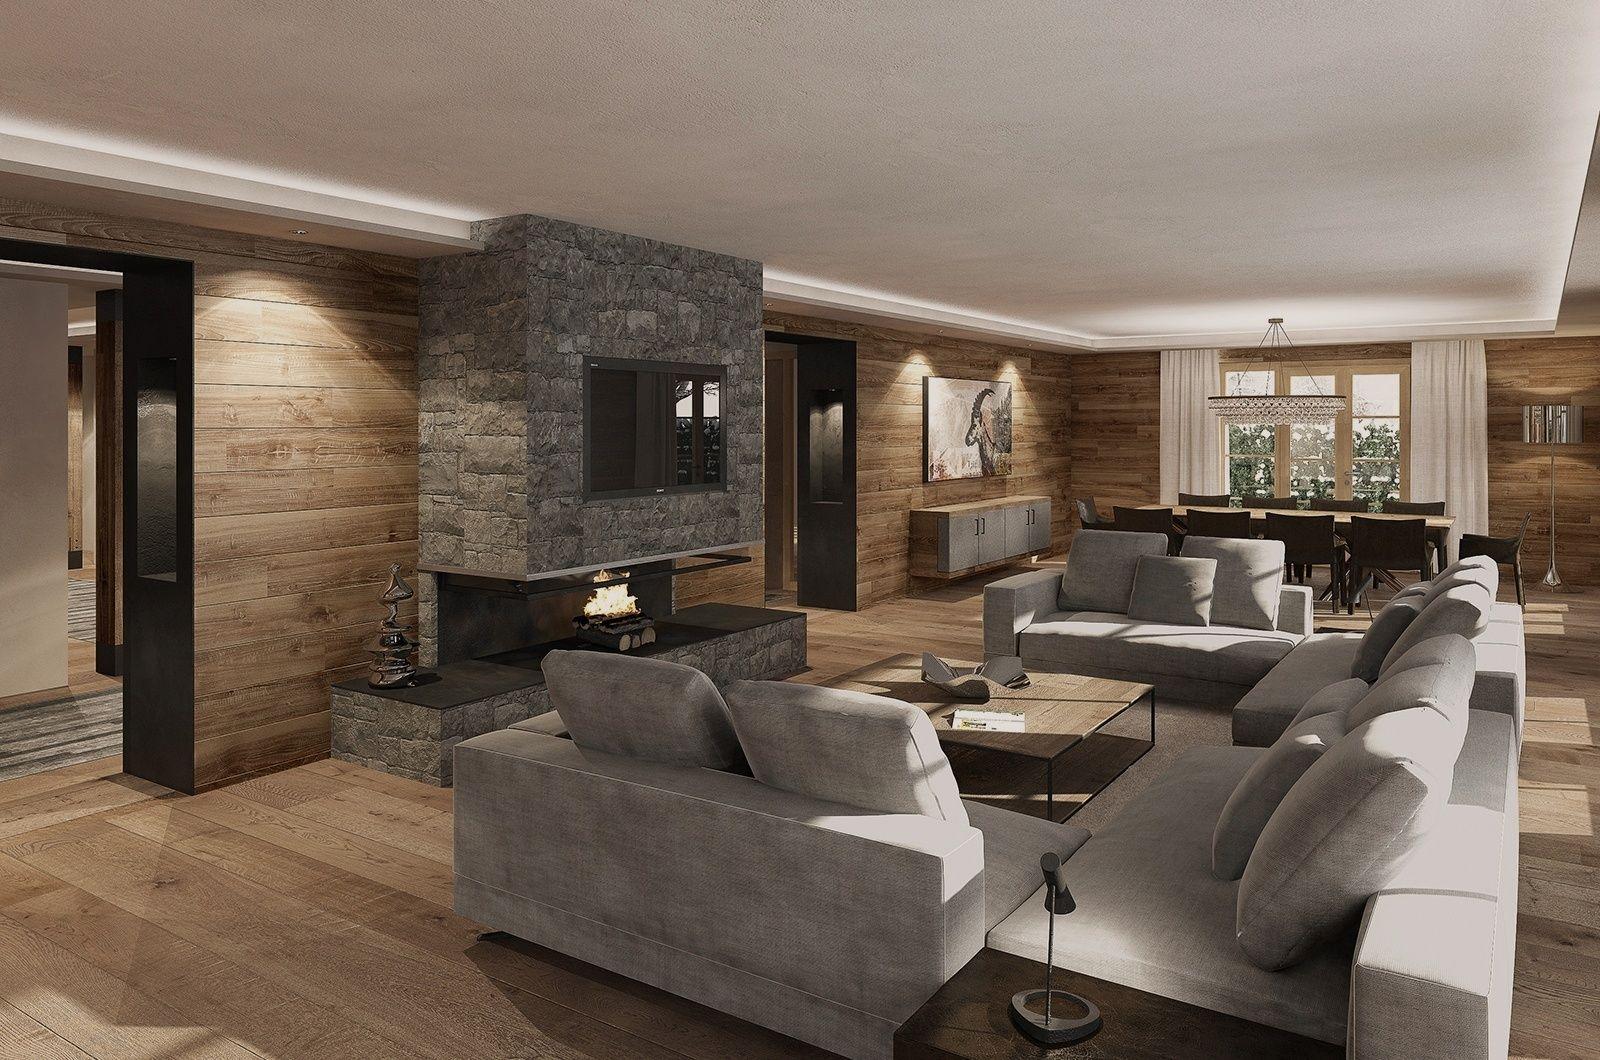 The Grand Haus design